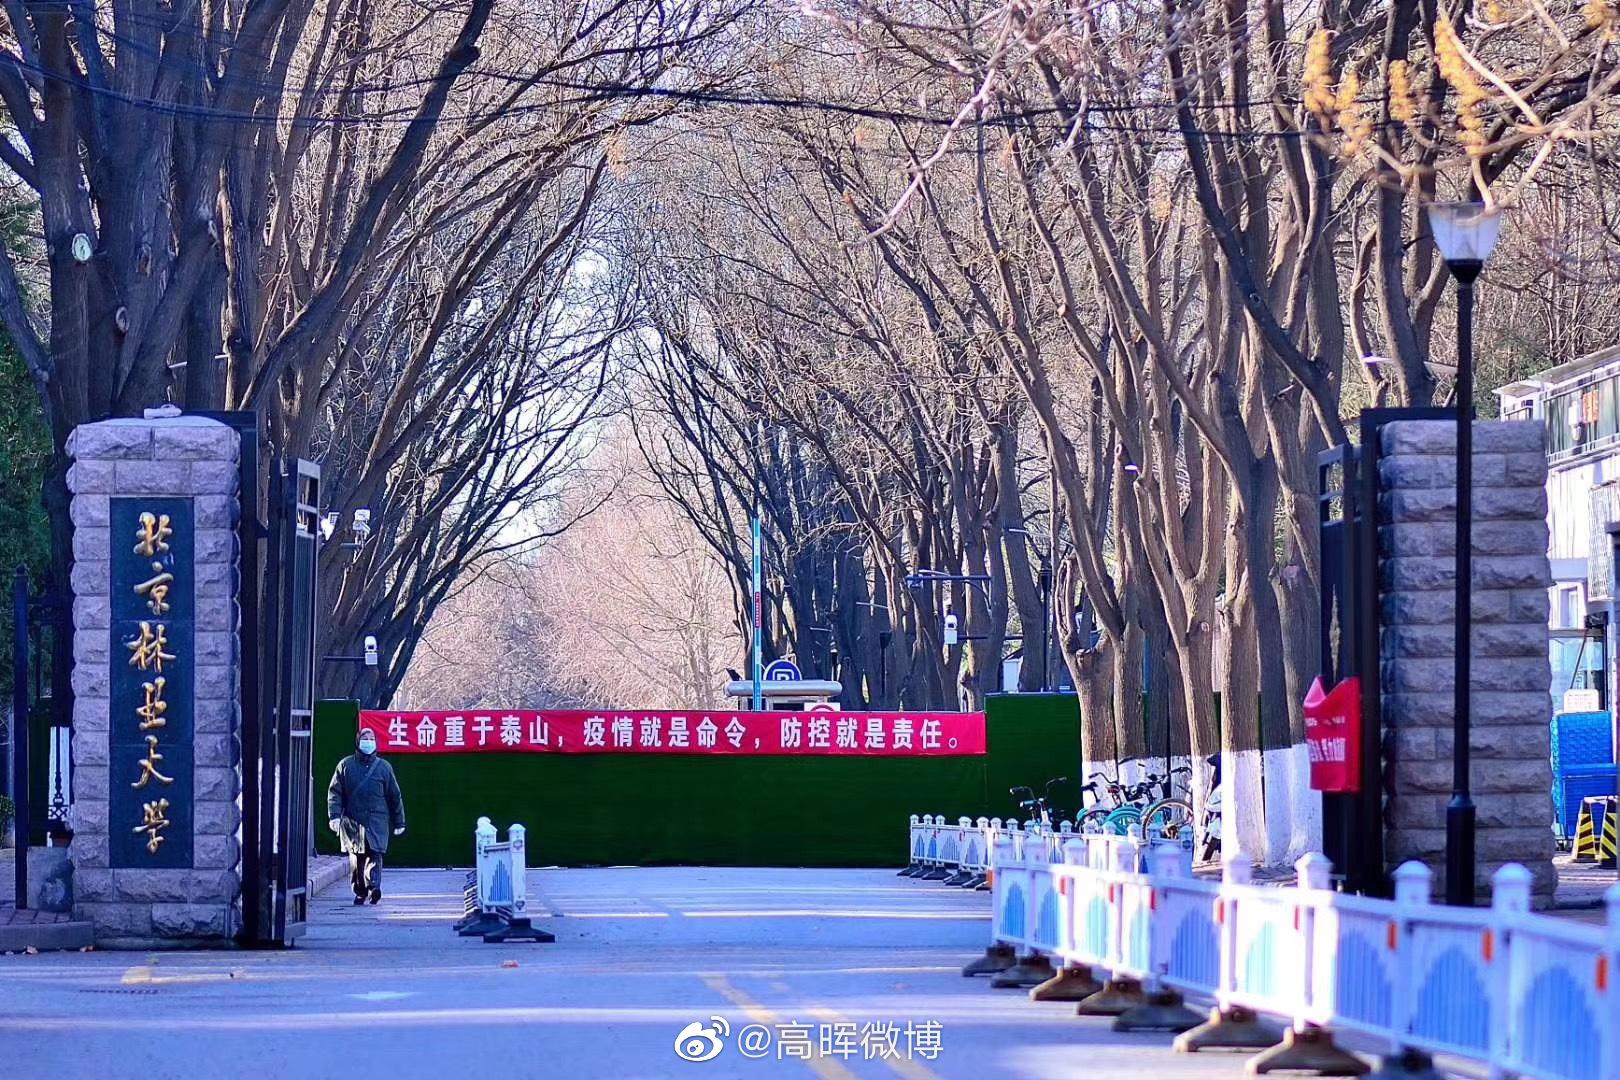 疫情期的北京林业大学